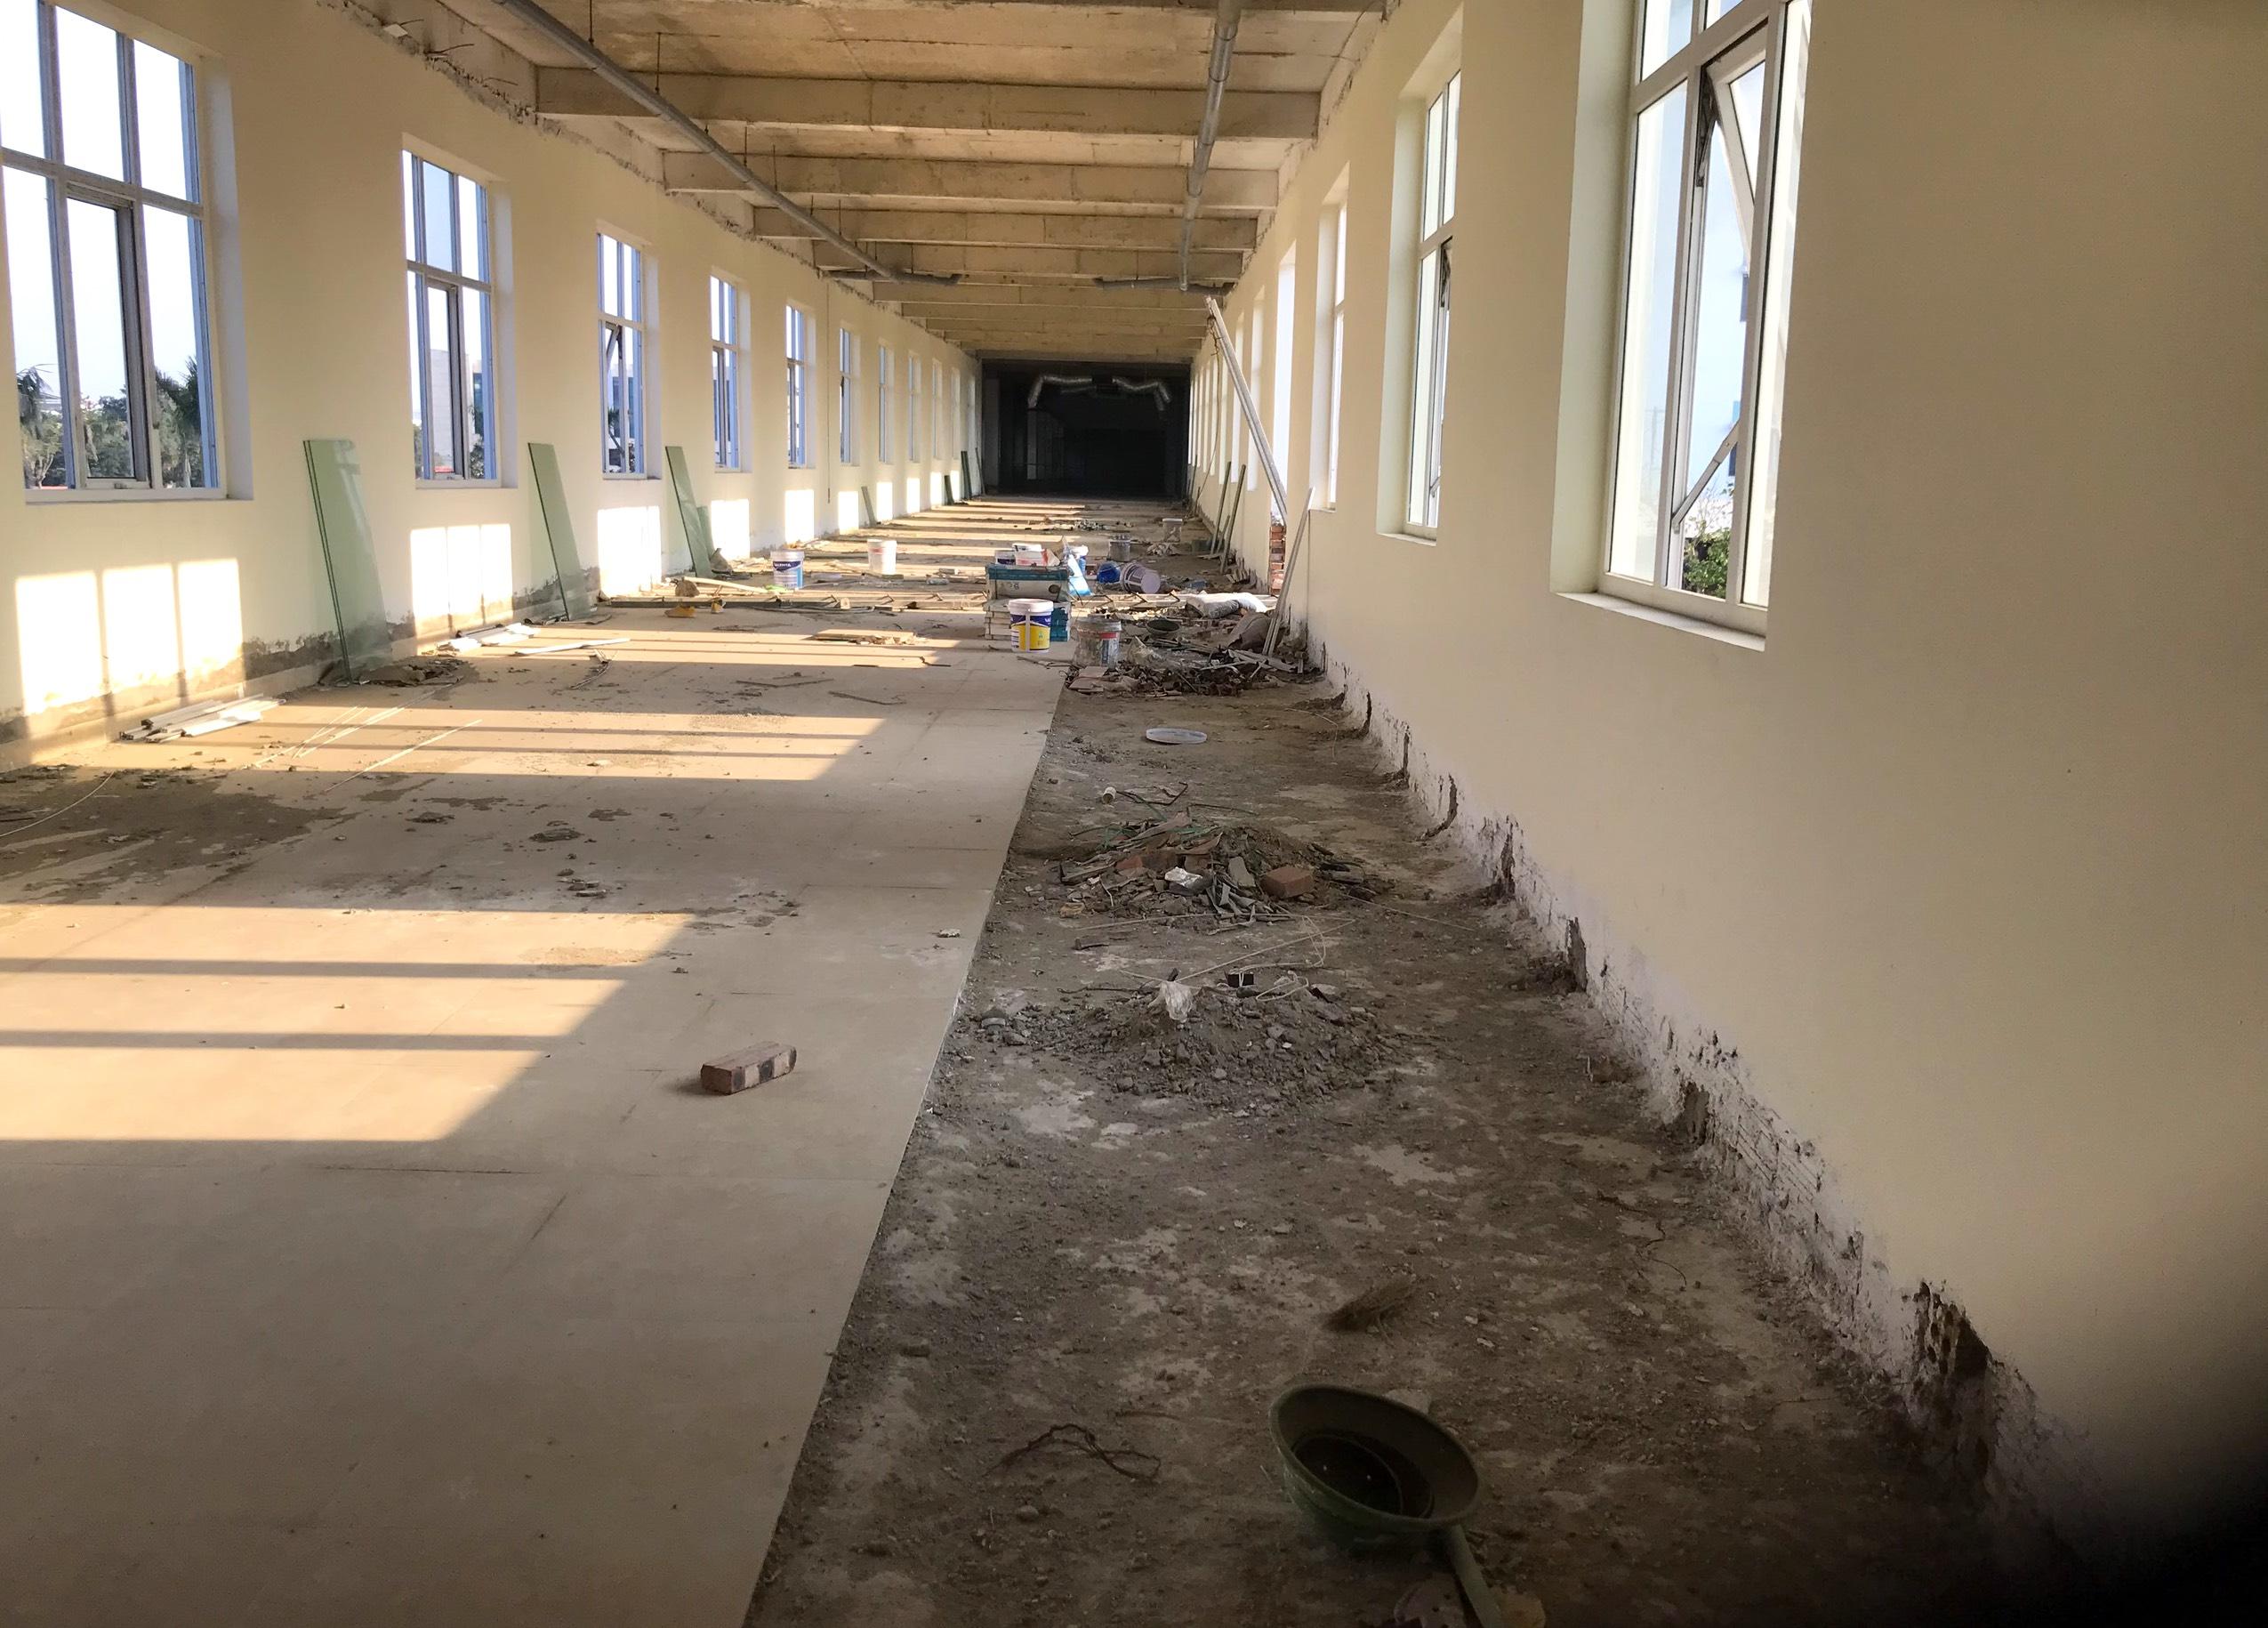 Cảnh nhếch nhác, cỏ mọc um tùm trong dự án bệnh viện nghìn tỷ lớn nhất Bắc Trung Bộ - Ảnh 13.